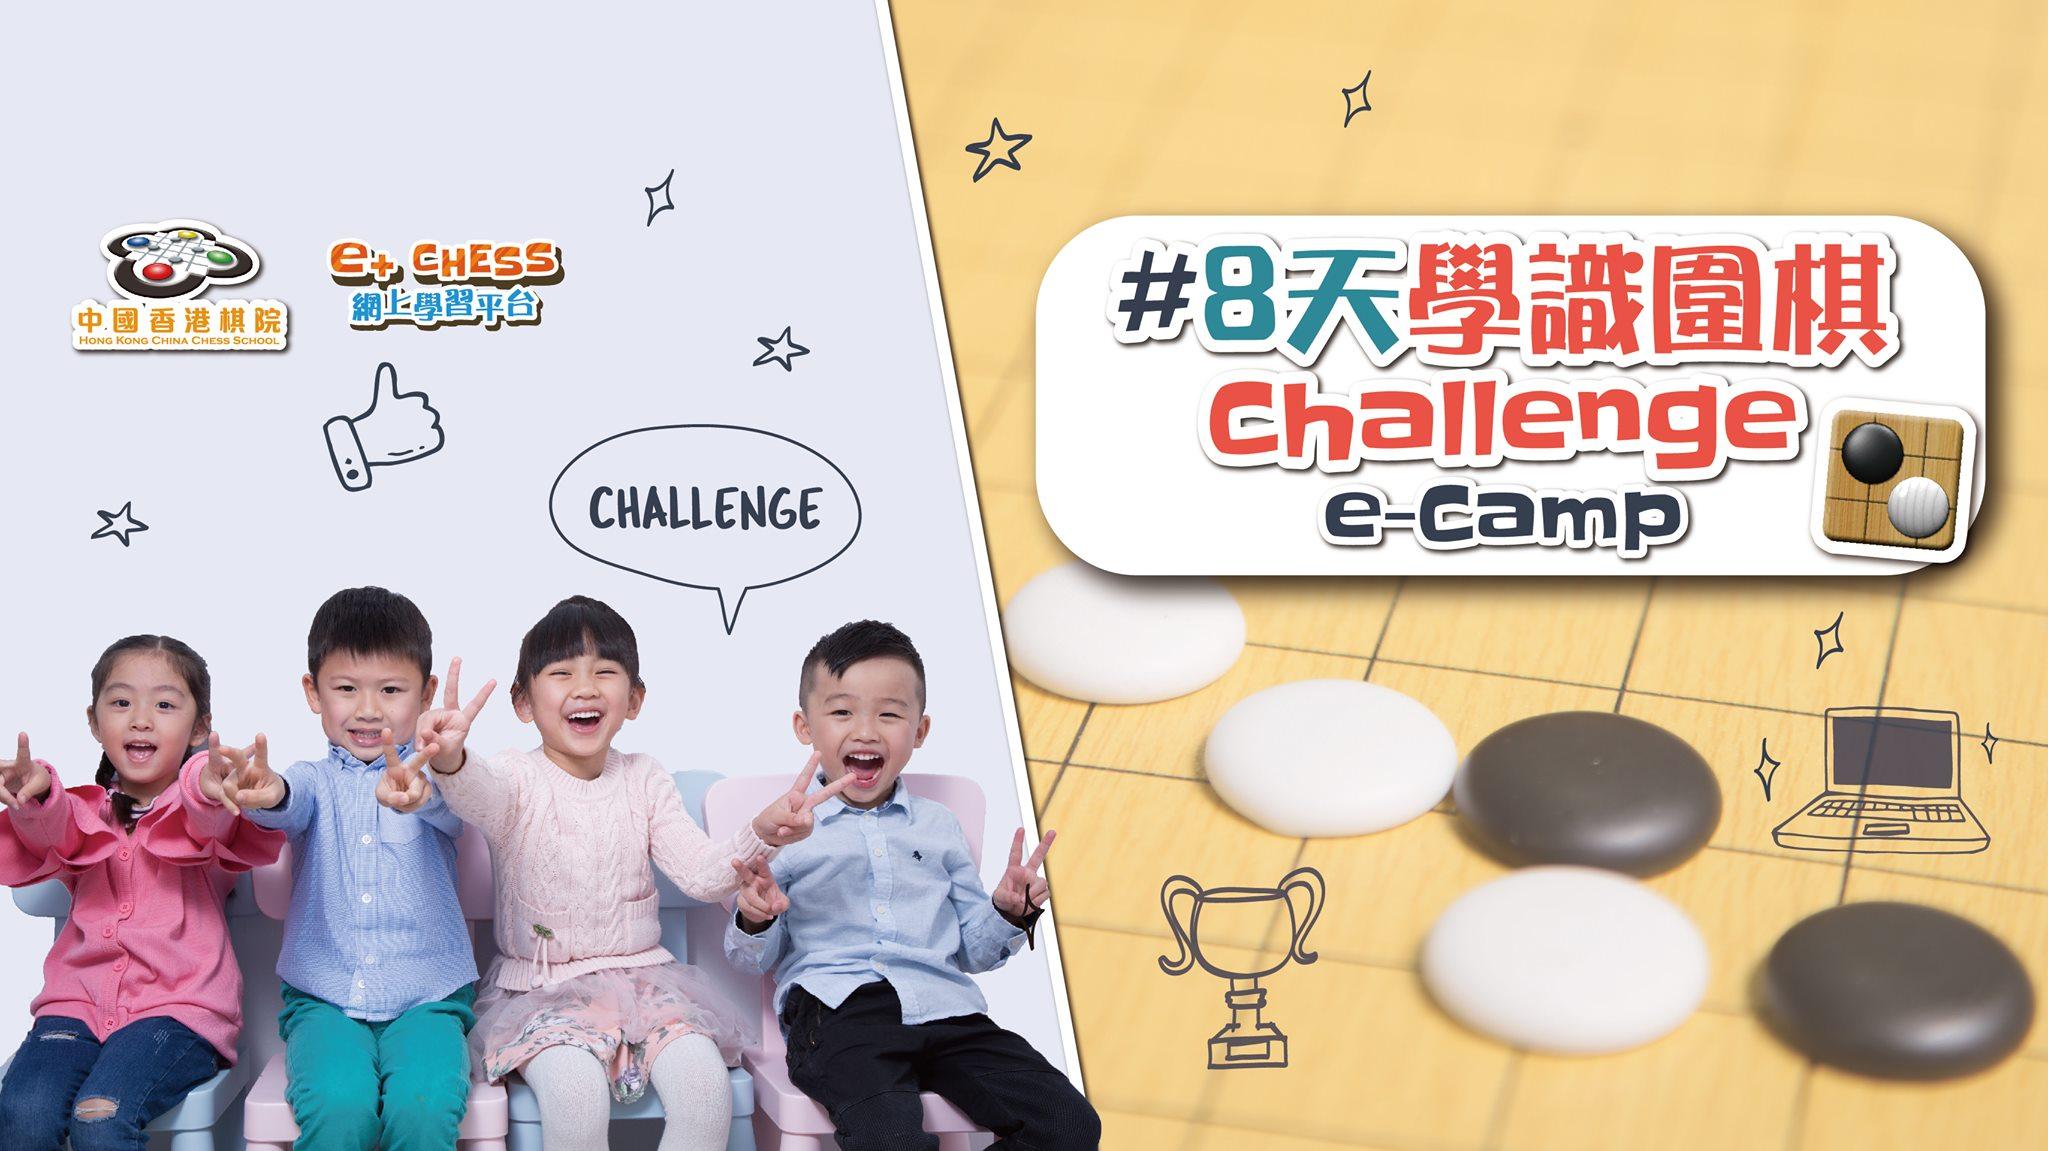 Hong Kong China Chess School